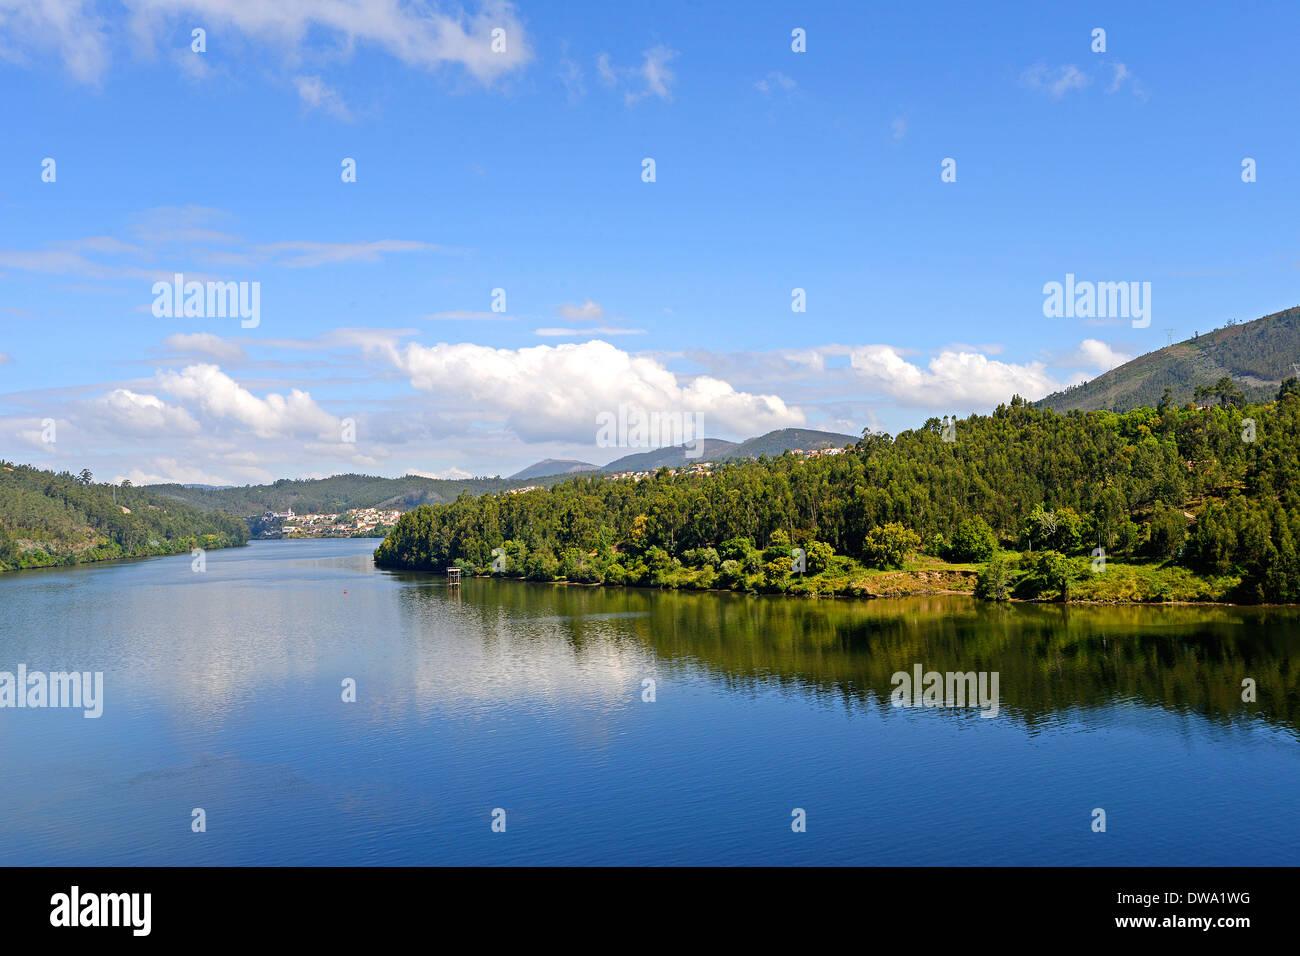 Douro river Portugal - Stock Image